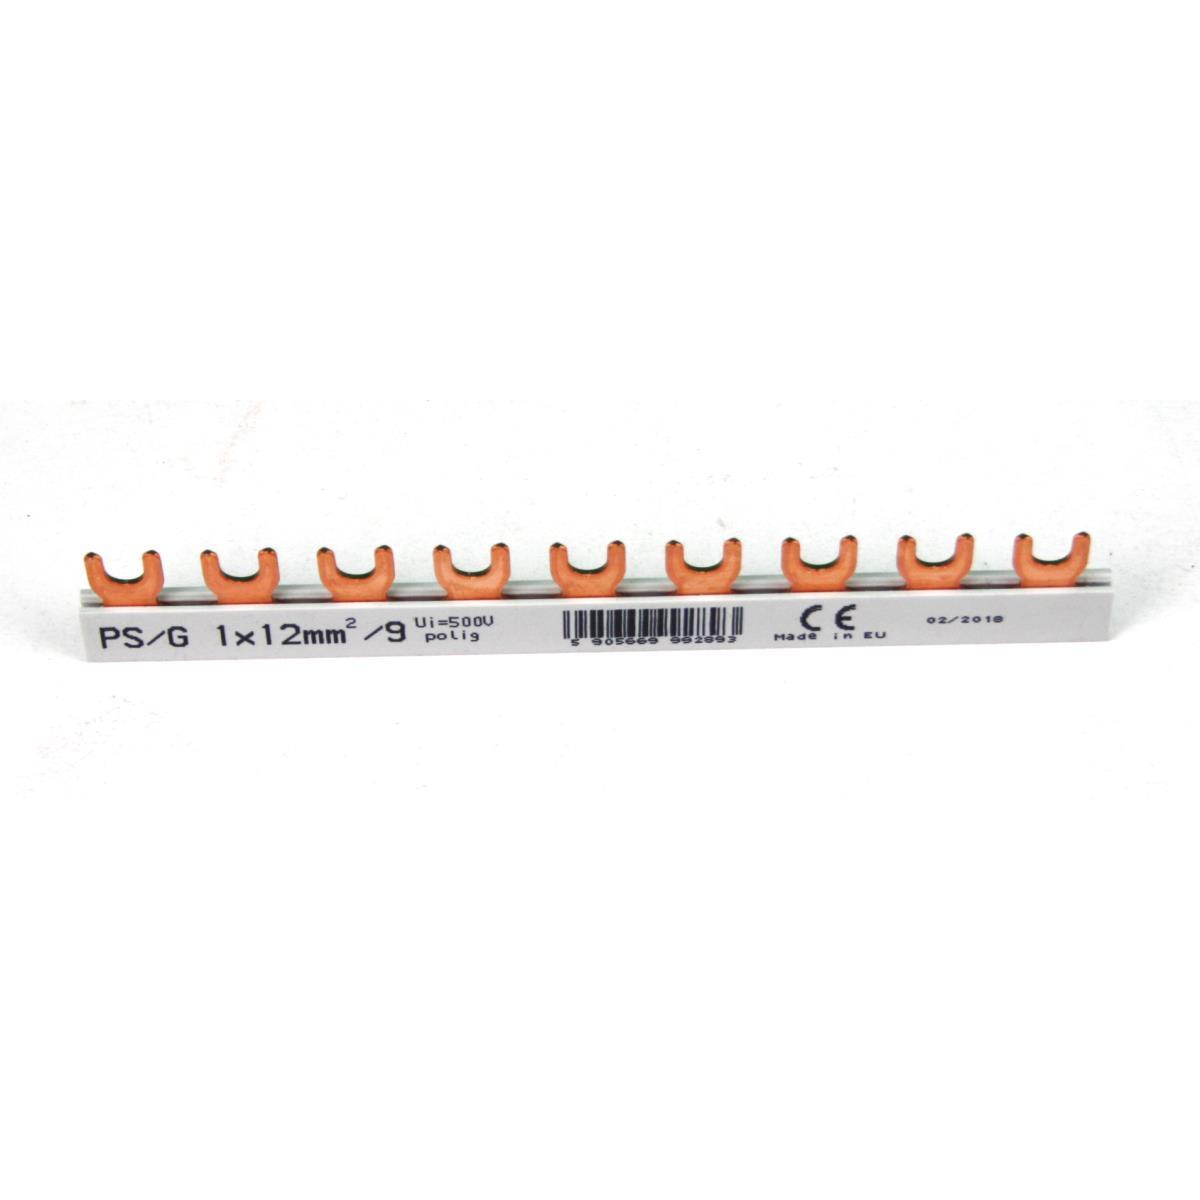 Phasenschiene 1x12mm² 9-Module Sammelschiene Kammschiene Hutschiene 80A,Doktorvolt,DV-2893-PSG, 5905669992893